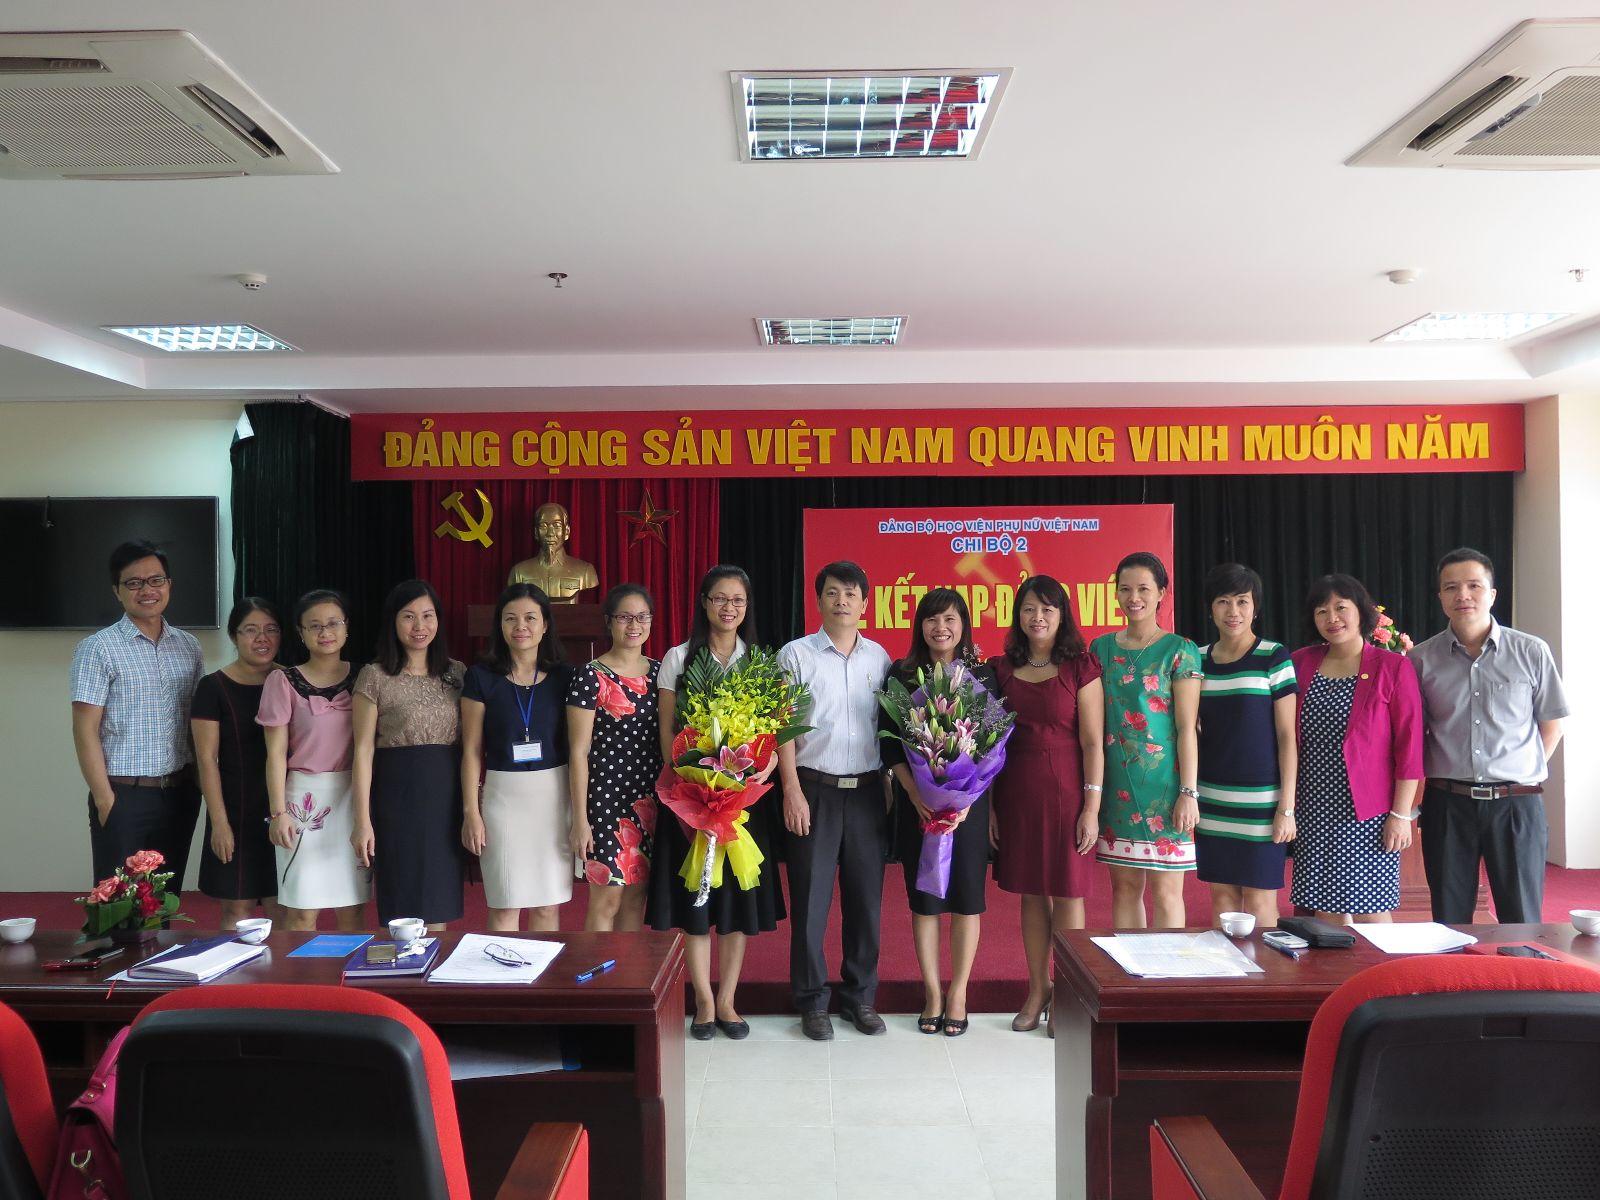 Lễ kết nạp đảng viên thuộc chi bộ 2 - Đảng bộ Học viện phụ nữ Việt Nam